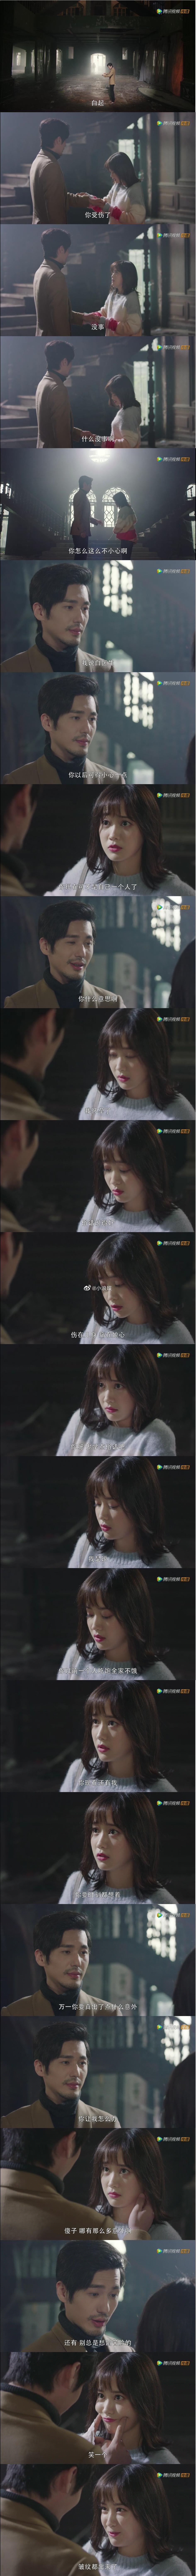 郑湫泓/林夏:白起,你受伤了